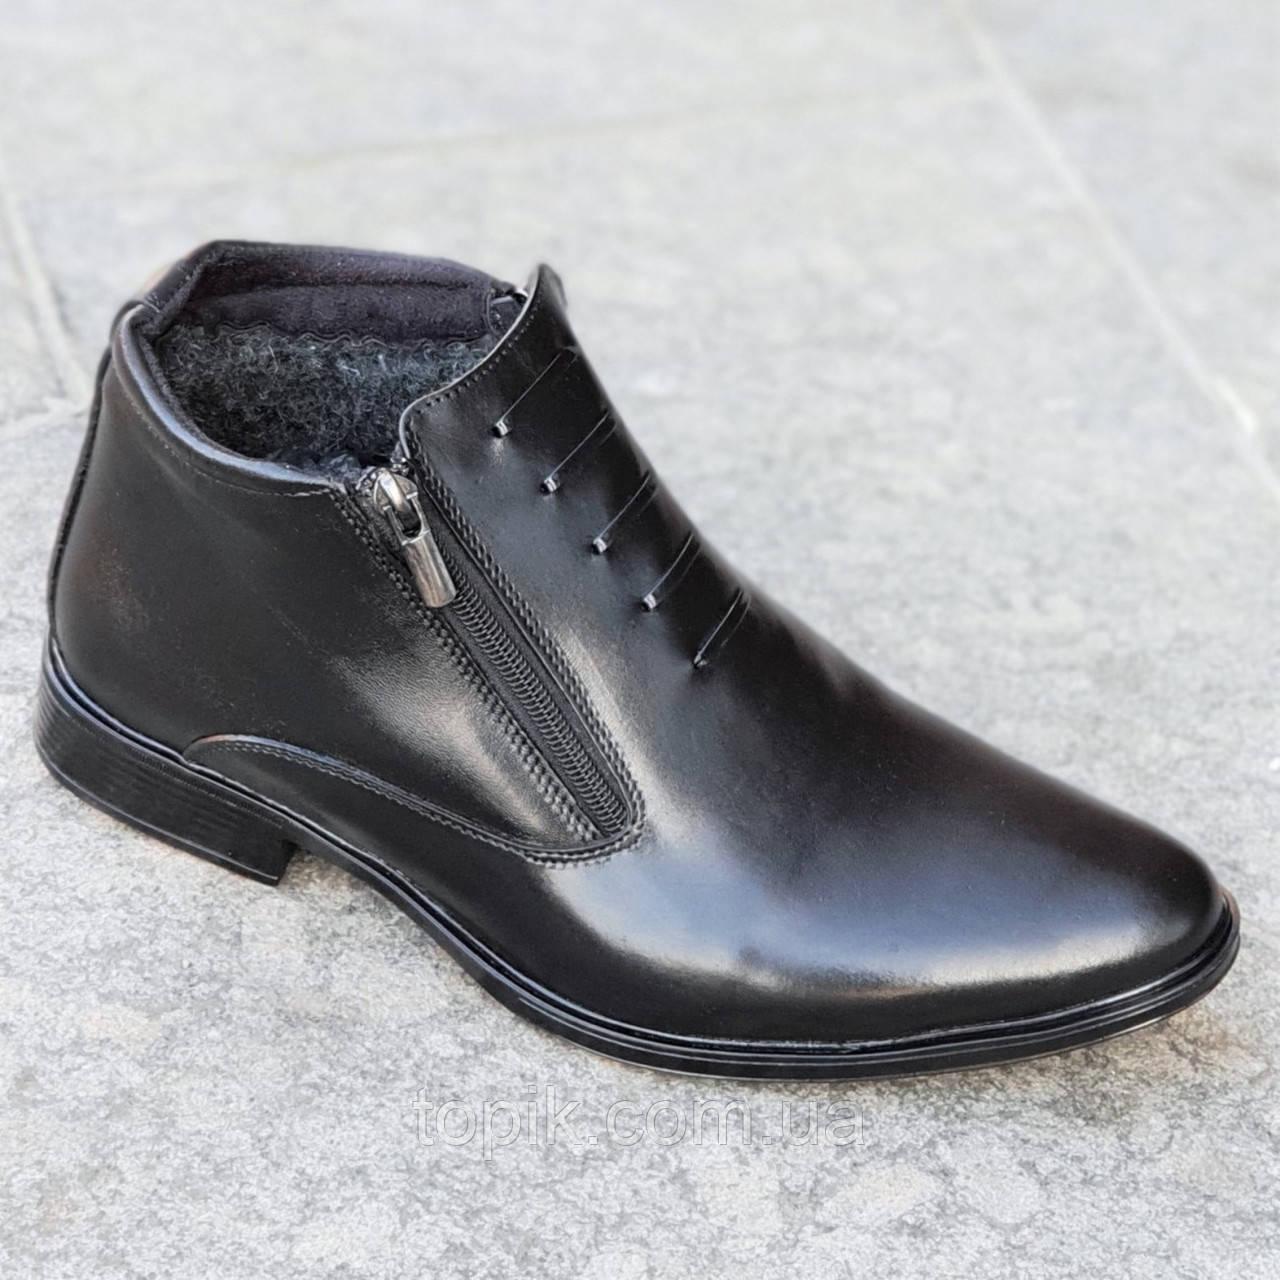 91495034d820 Мужские зимние классические мужские ботинки, полусапожки на молнии кожаные  черные с острым носком (Код